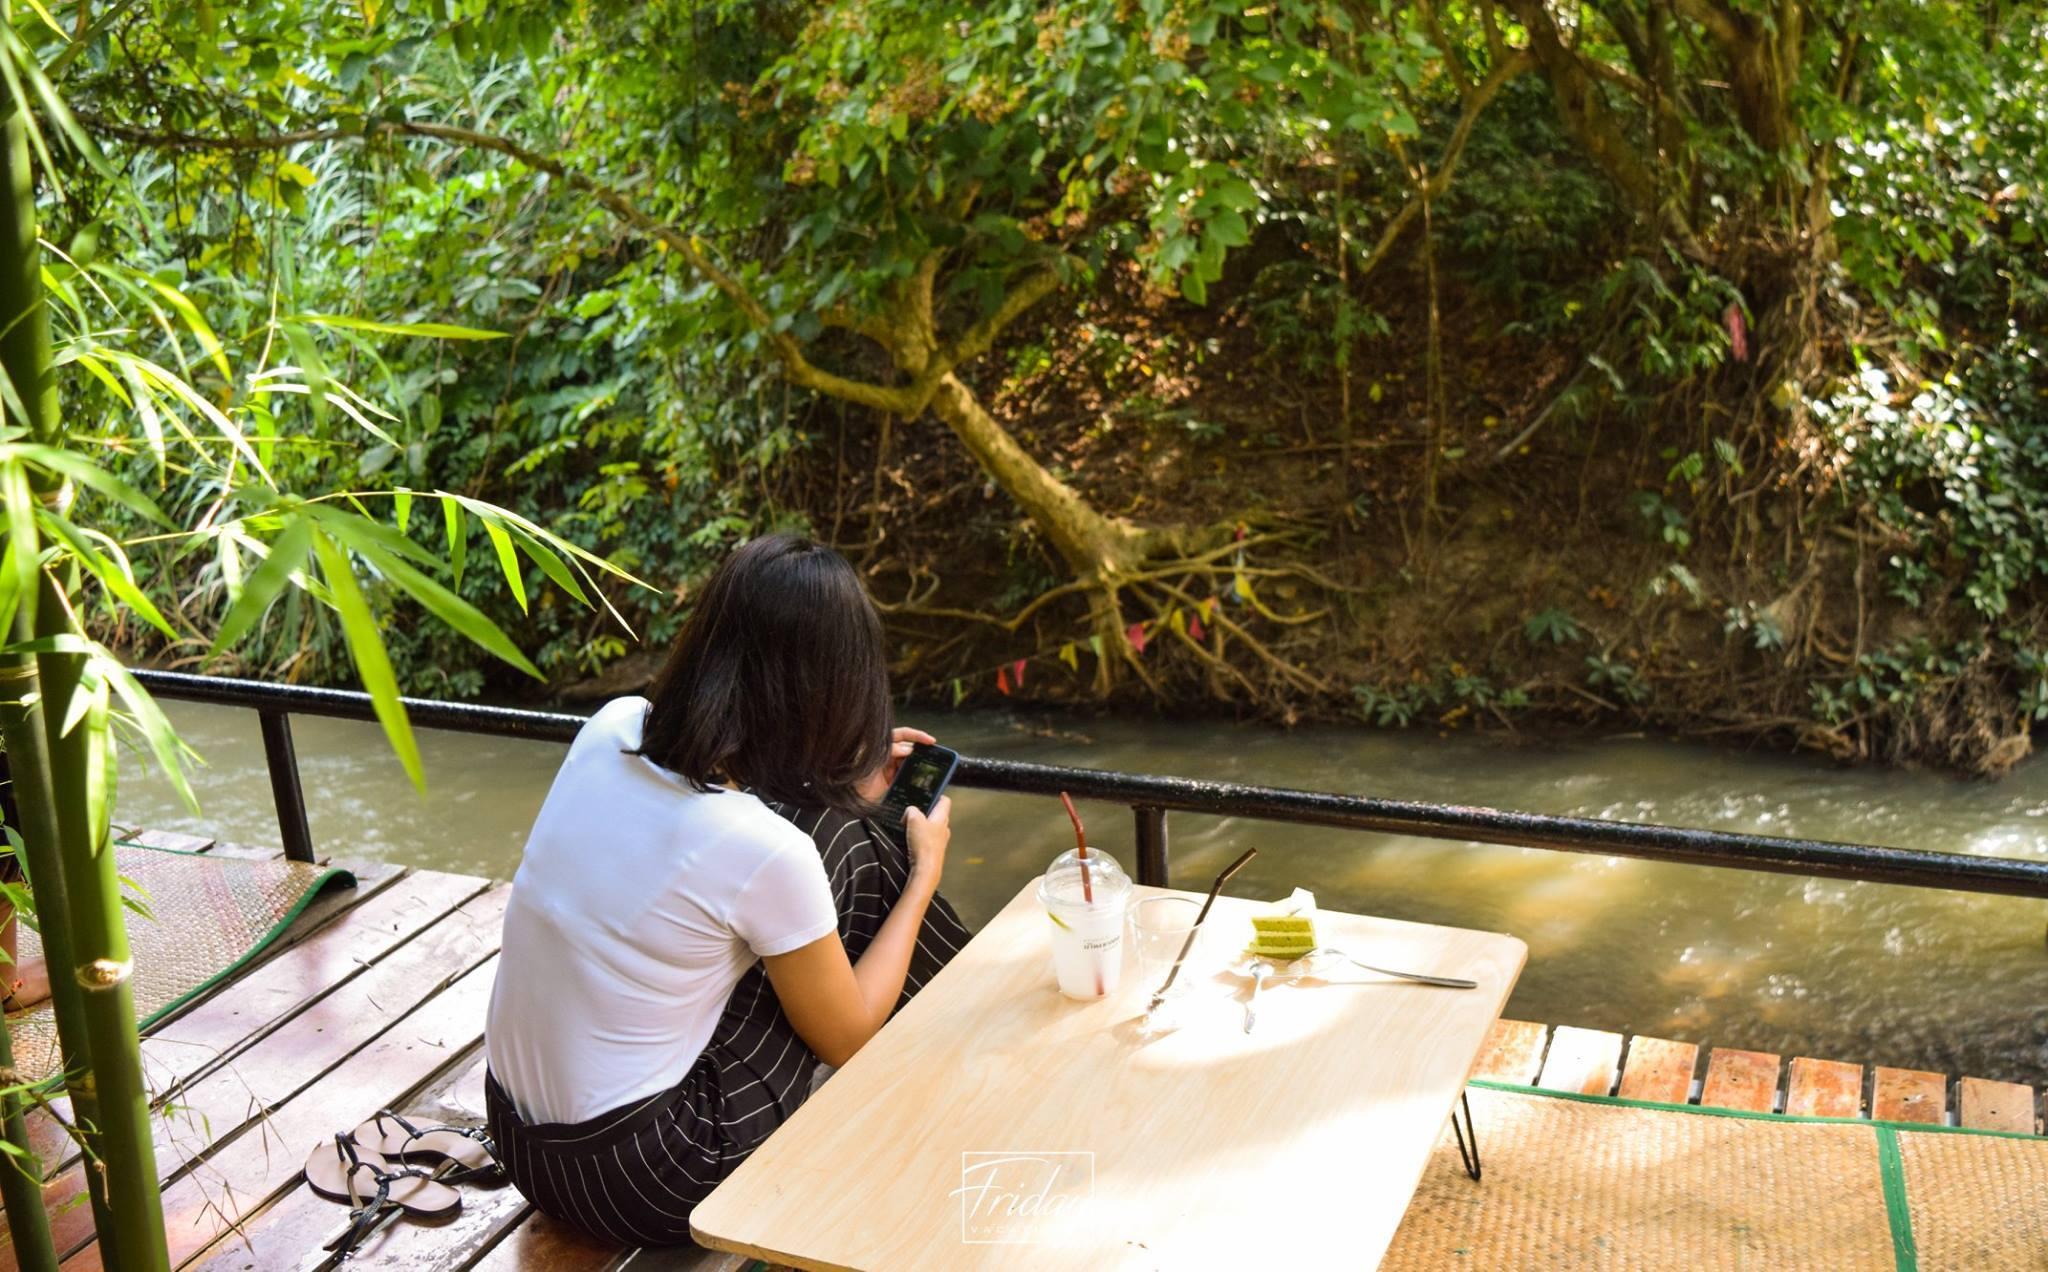 ห้อยขาฟินๆ พร้อมจิบชากาแฟ กินอาหารรสชาติเด็ด นั่งชมลำธารสวยๆ พร้อมทางลงไปเล่นน้ำ ที่นี่เท่านั้น อะไรดีย์